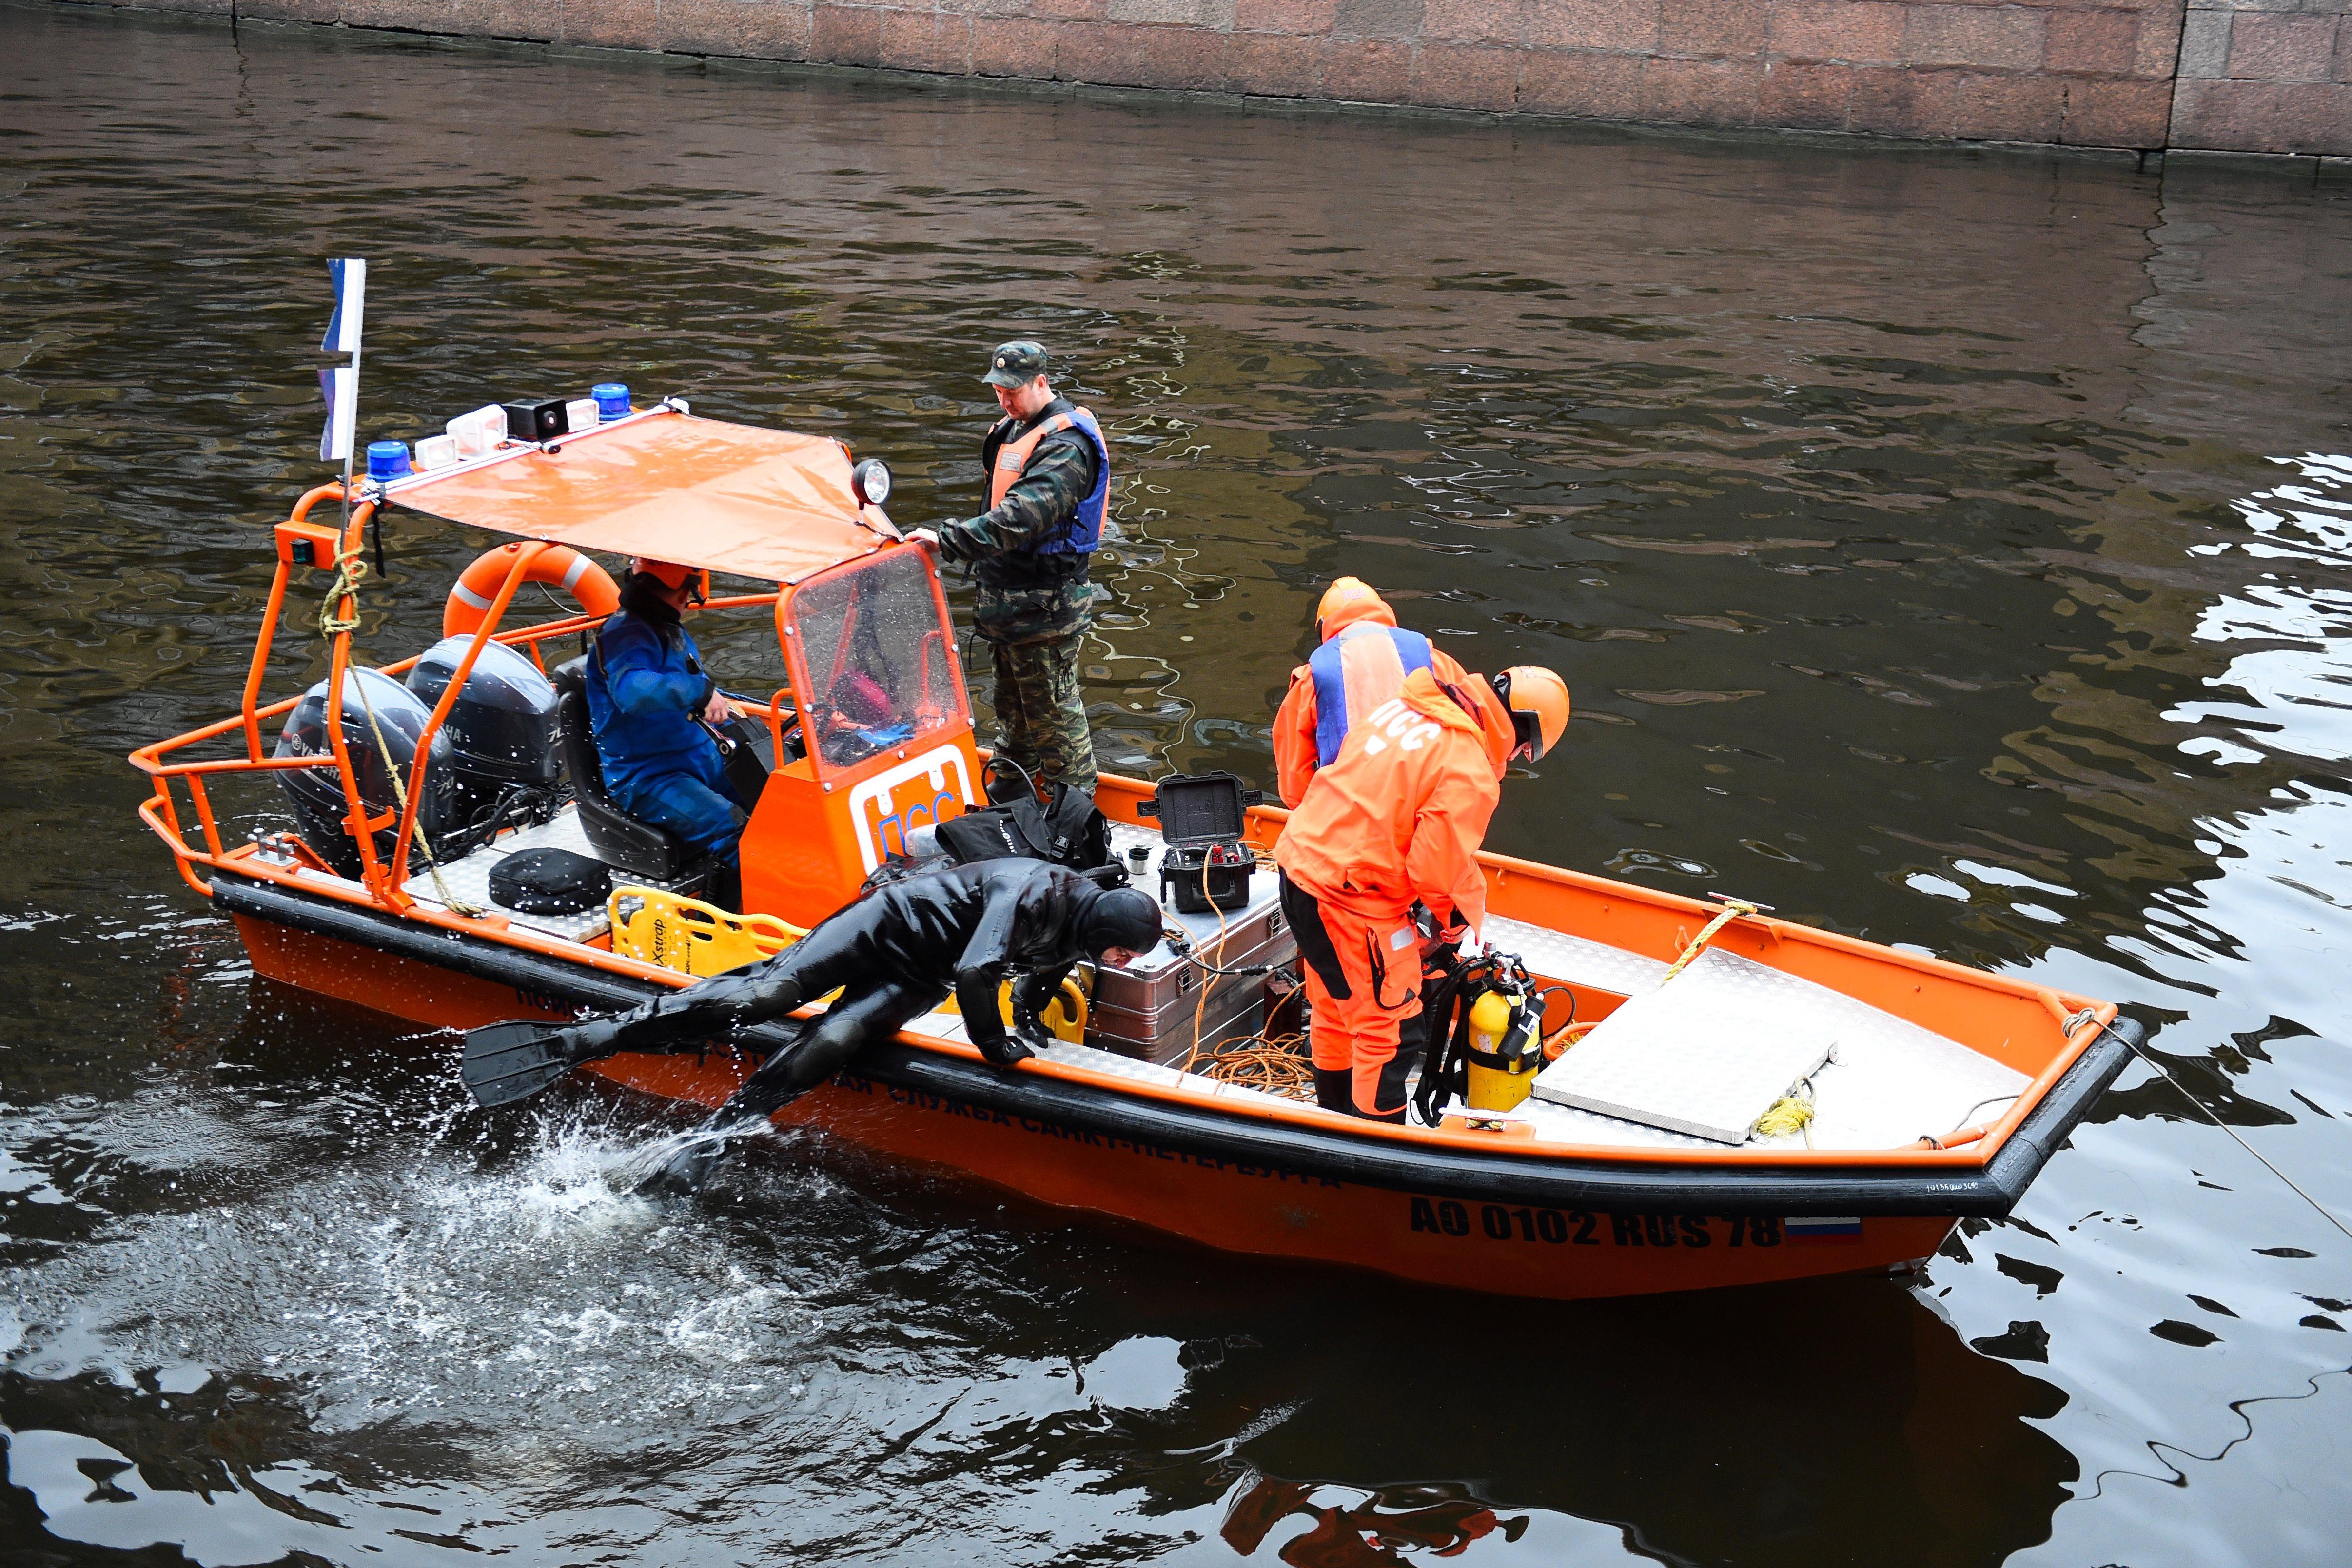 الشرطة الروسية تبحث عن أجزاء من جثة أناستازيا يشيشنكو في نهر مويكا